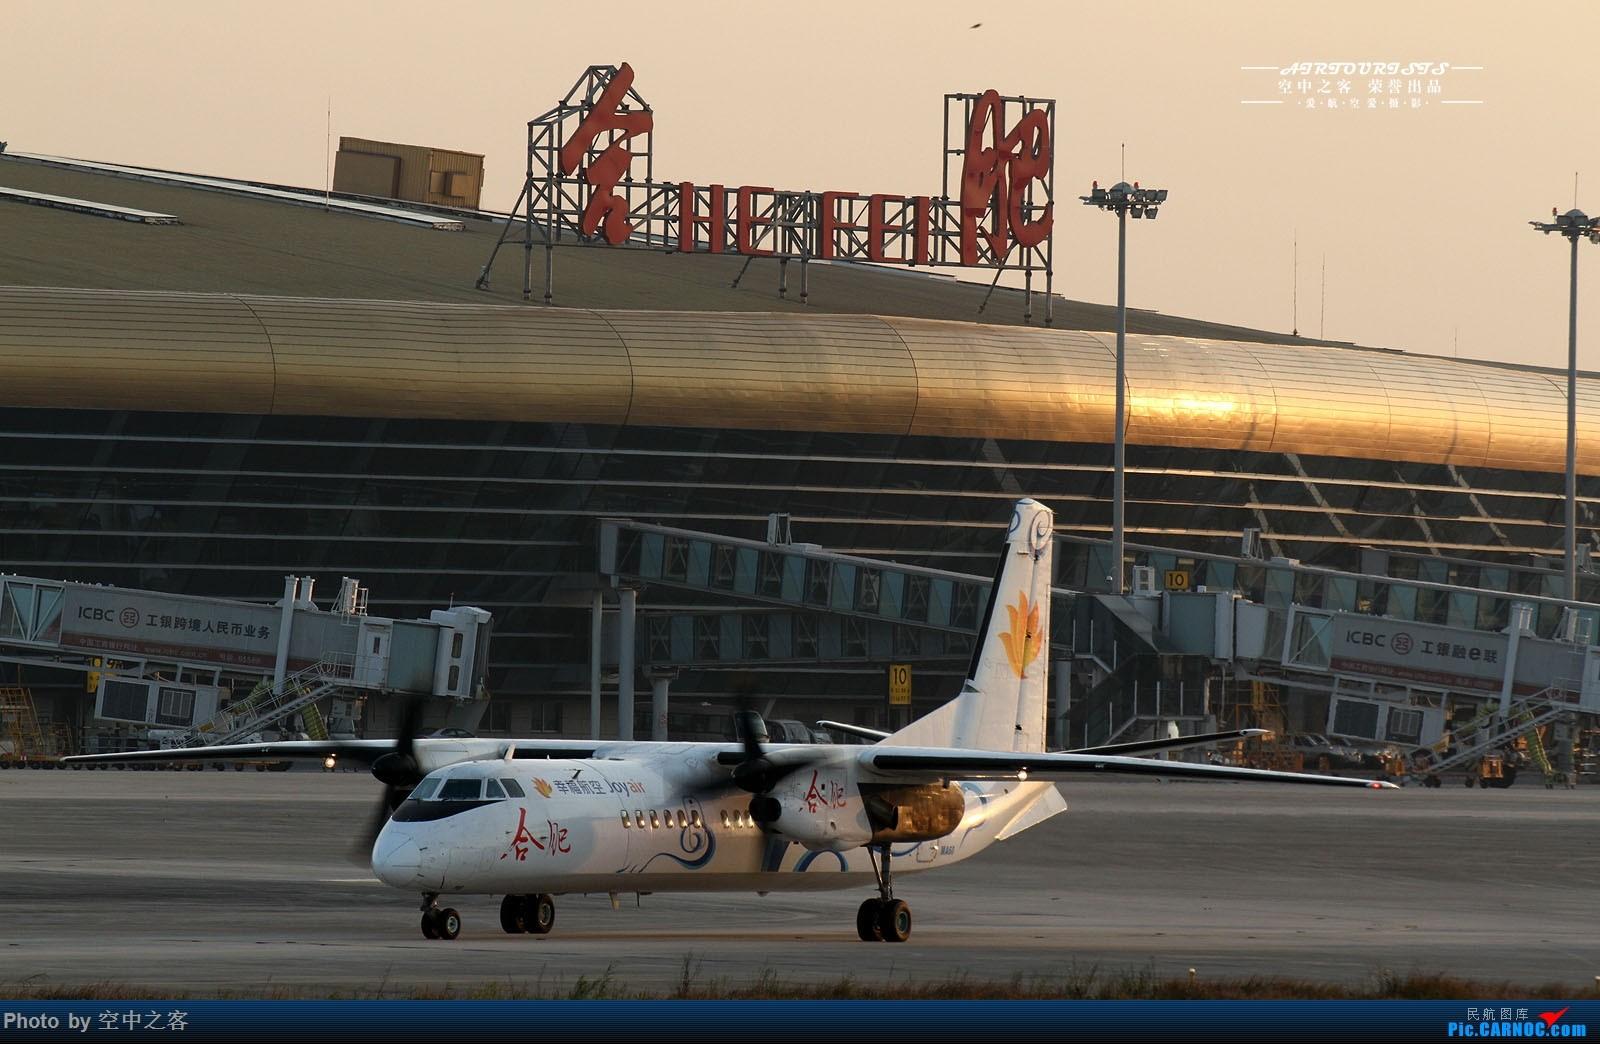 [合肥飞友会·霸都打机队 空中之客出品]新机场终于有了CUA;SDA彩绘再多来一些 XIAN AIRCRAFT MA 60 B-3716 合肥新桥国际机场